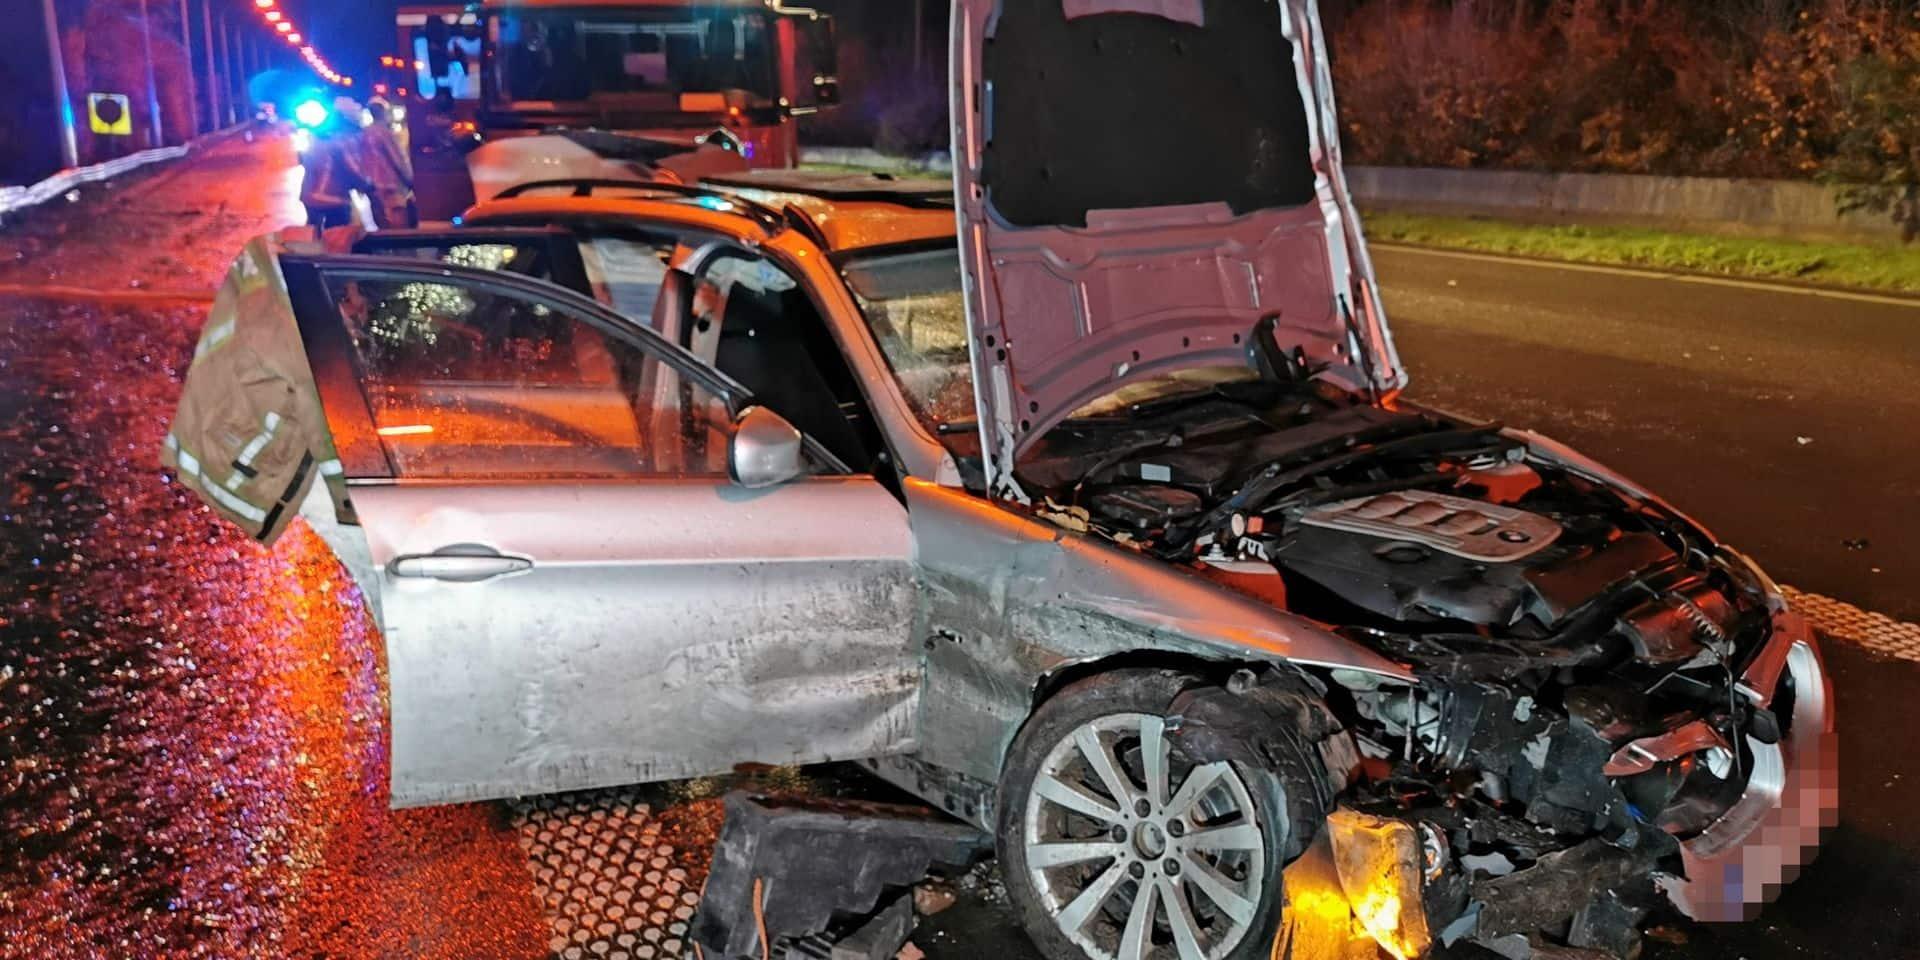 """Il zigzague à 160 km/h dans les rues de Charleroi pour échapper à la police: """"Je ne voulais pas que les policiers me frappent, j'ai paniqué"""""""